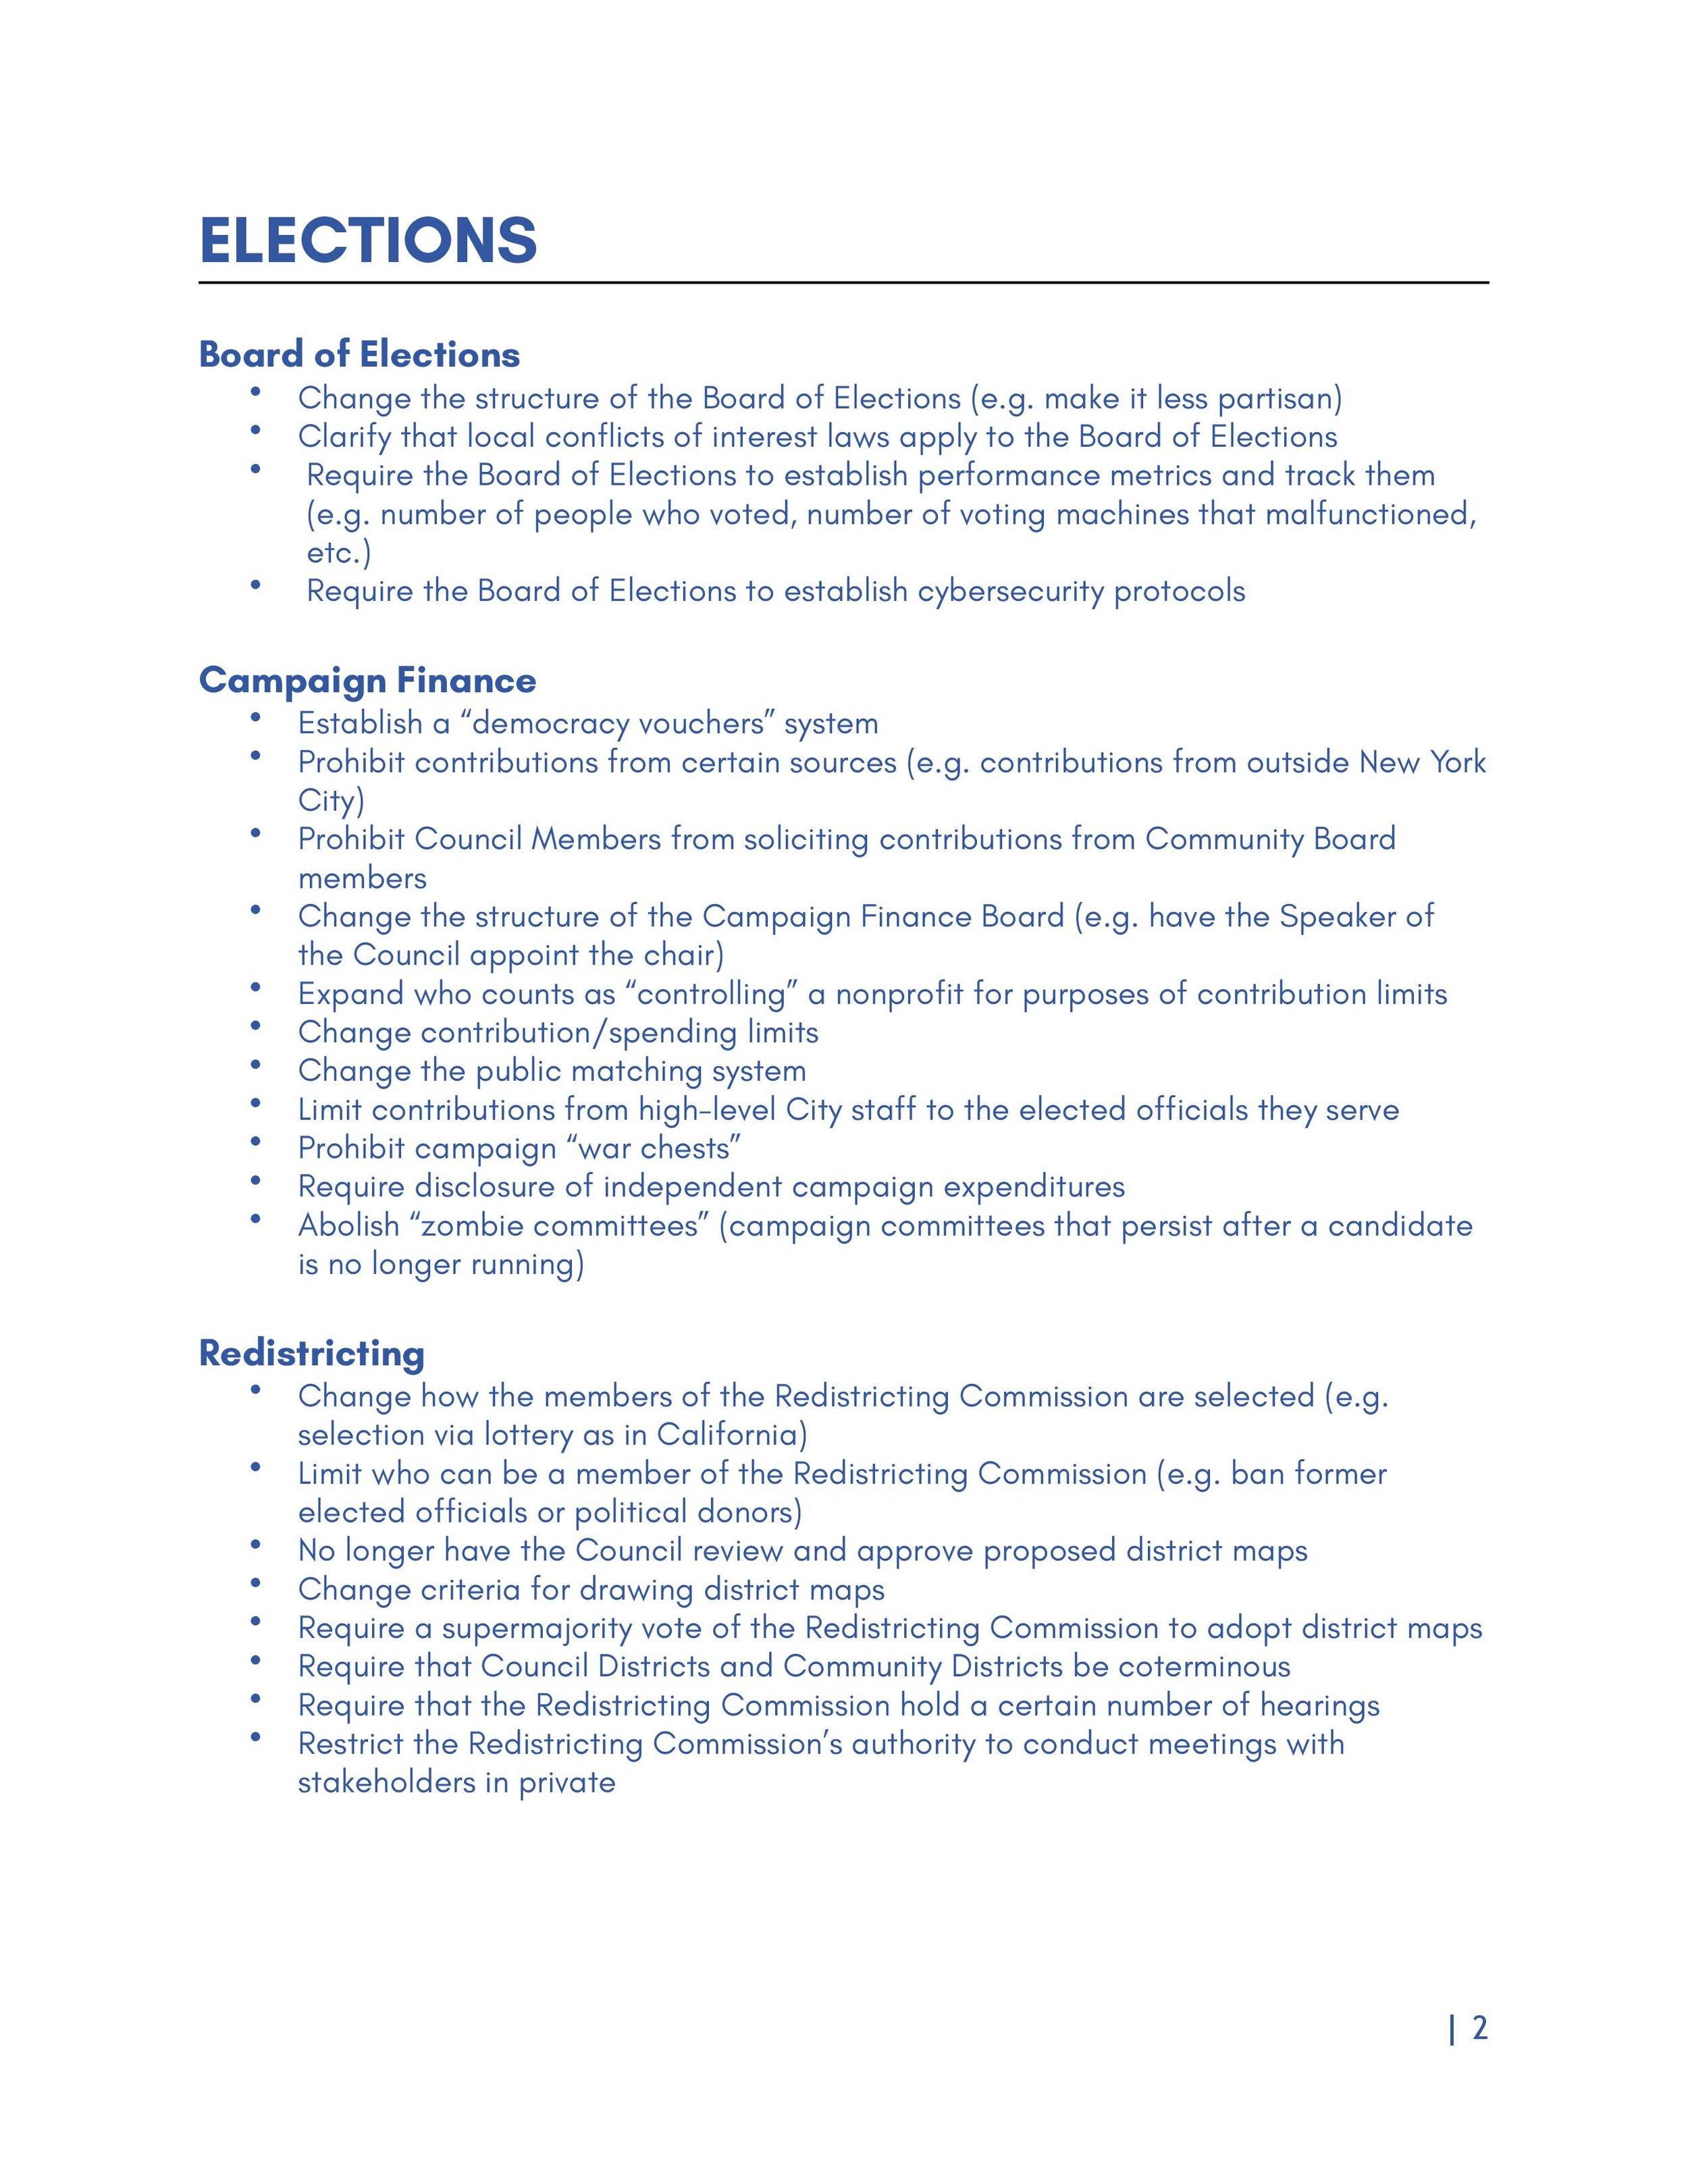 Proposals-page-002.jpg